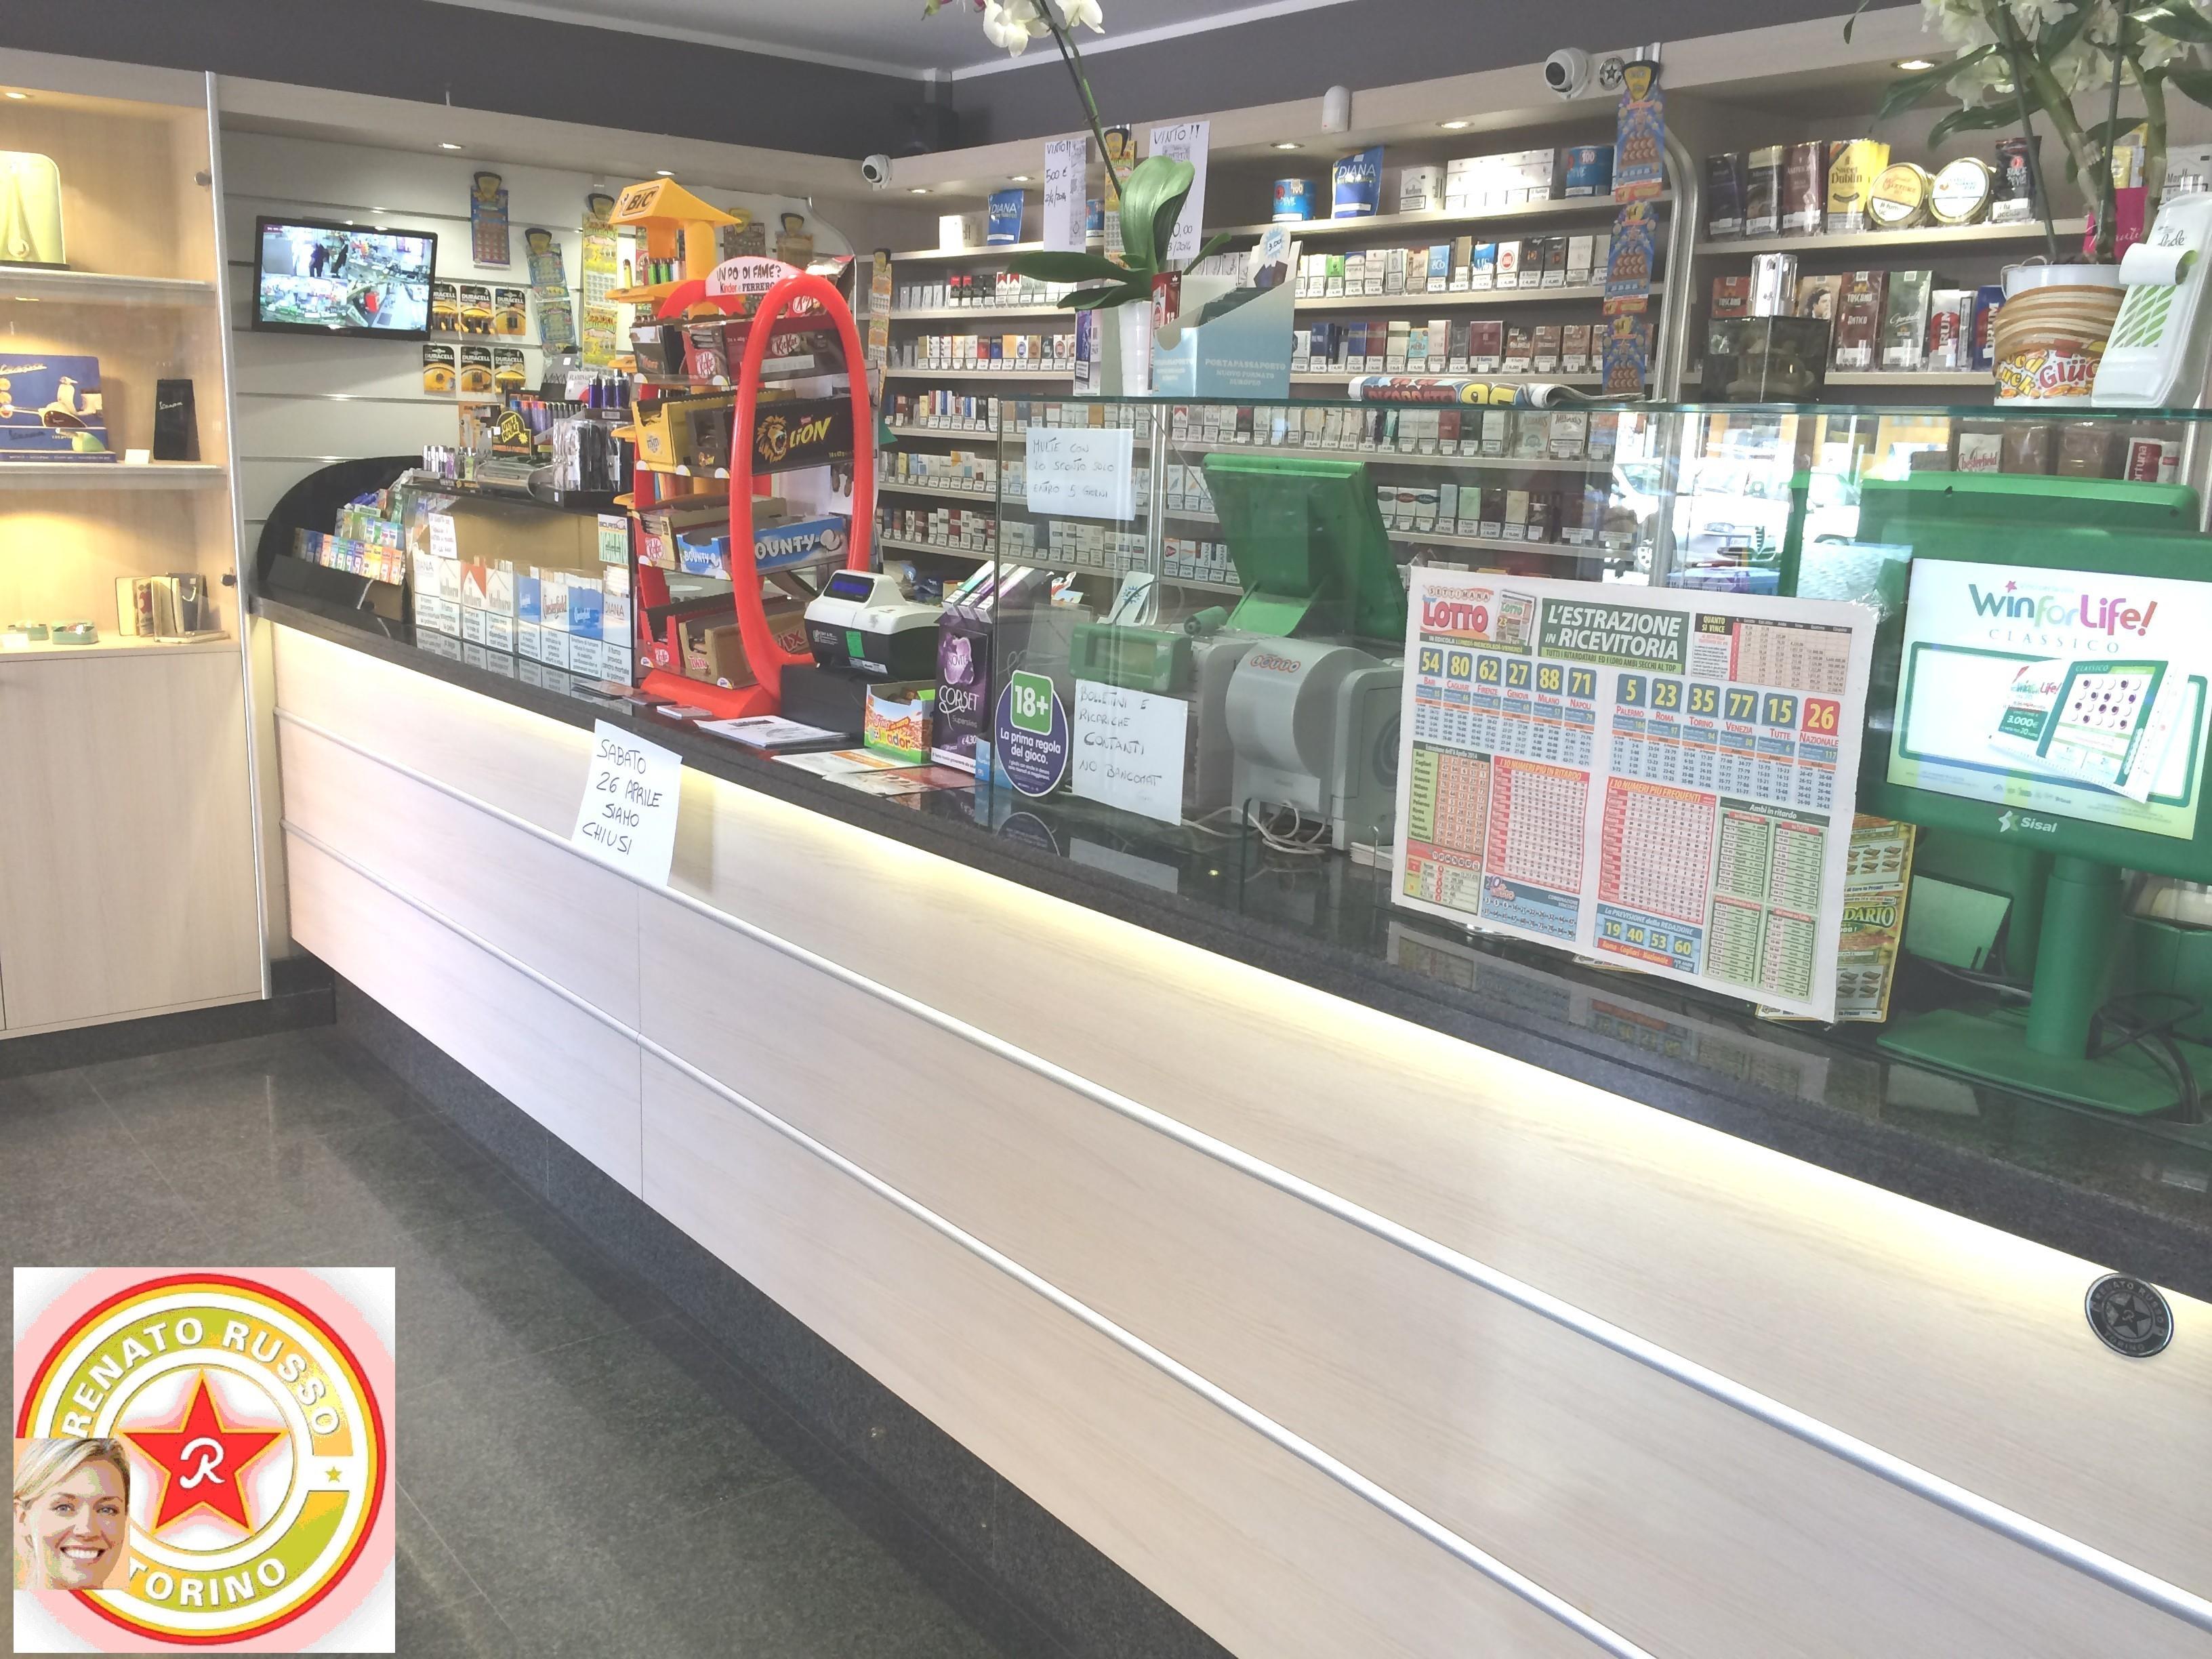 Negozi Mobili Cagliari E Provincia arredamenti per bar, ristoranti, banchi frigo, banchi bar